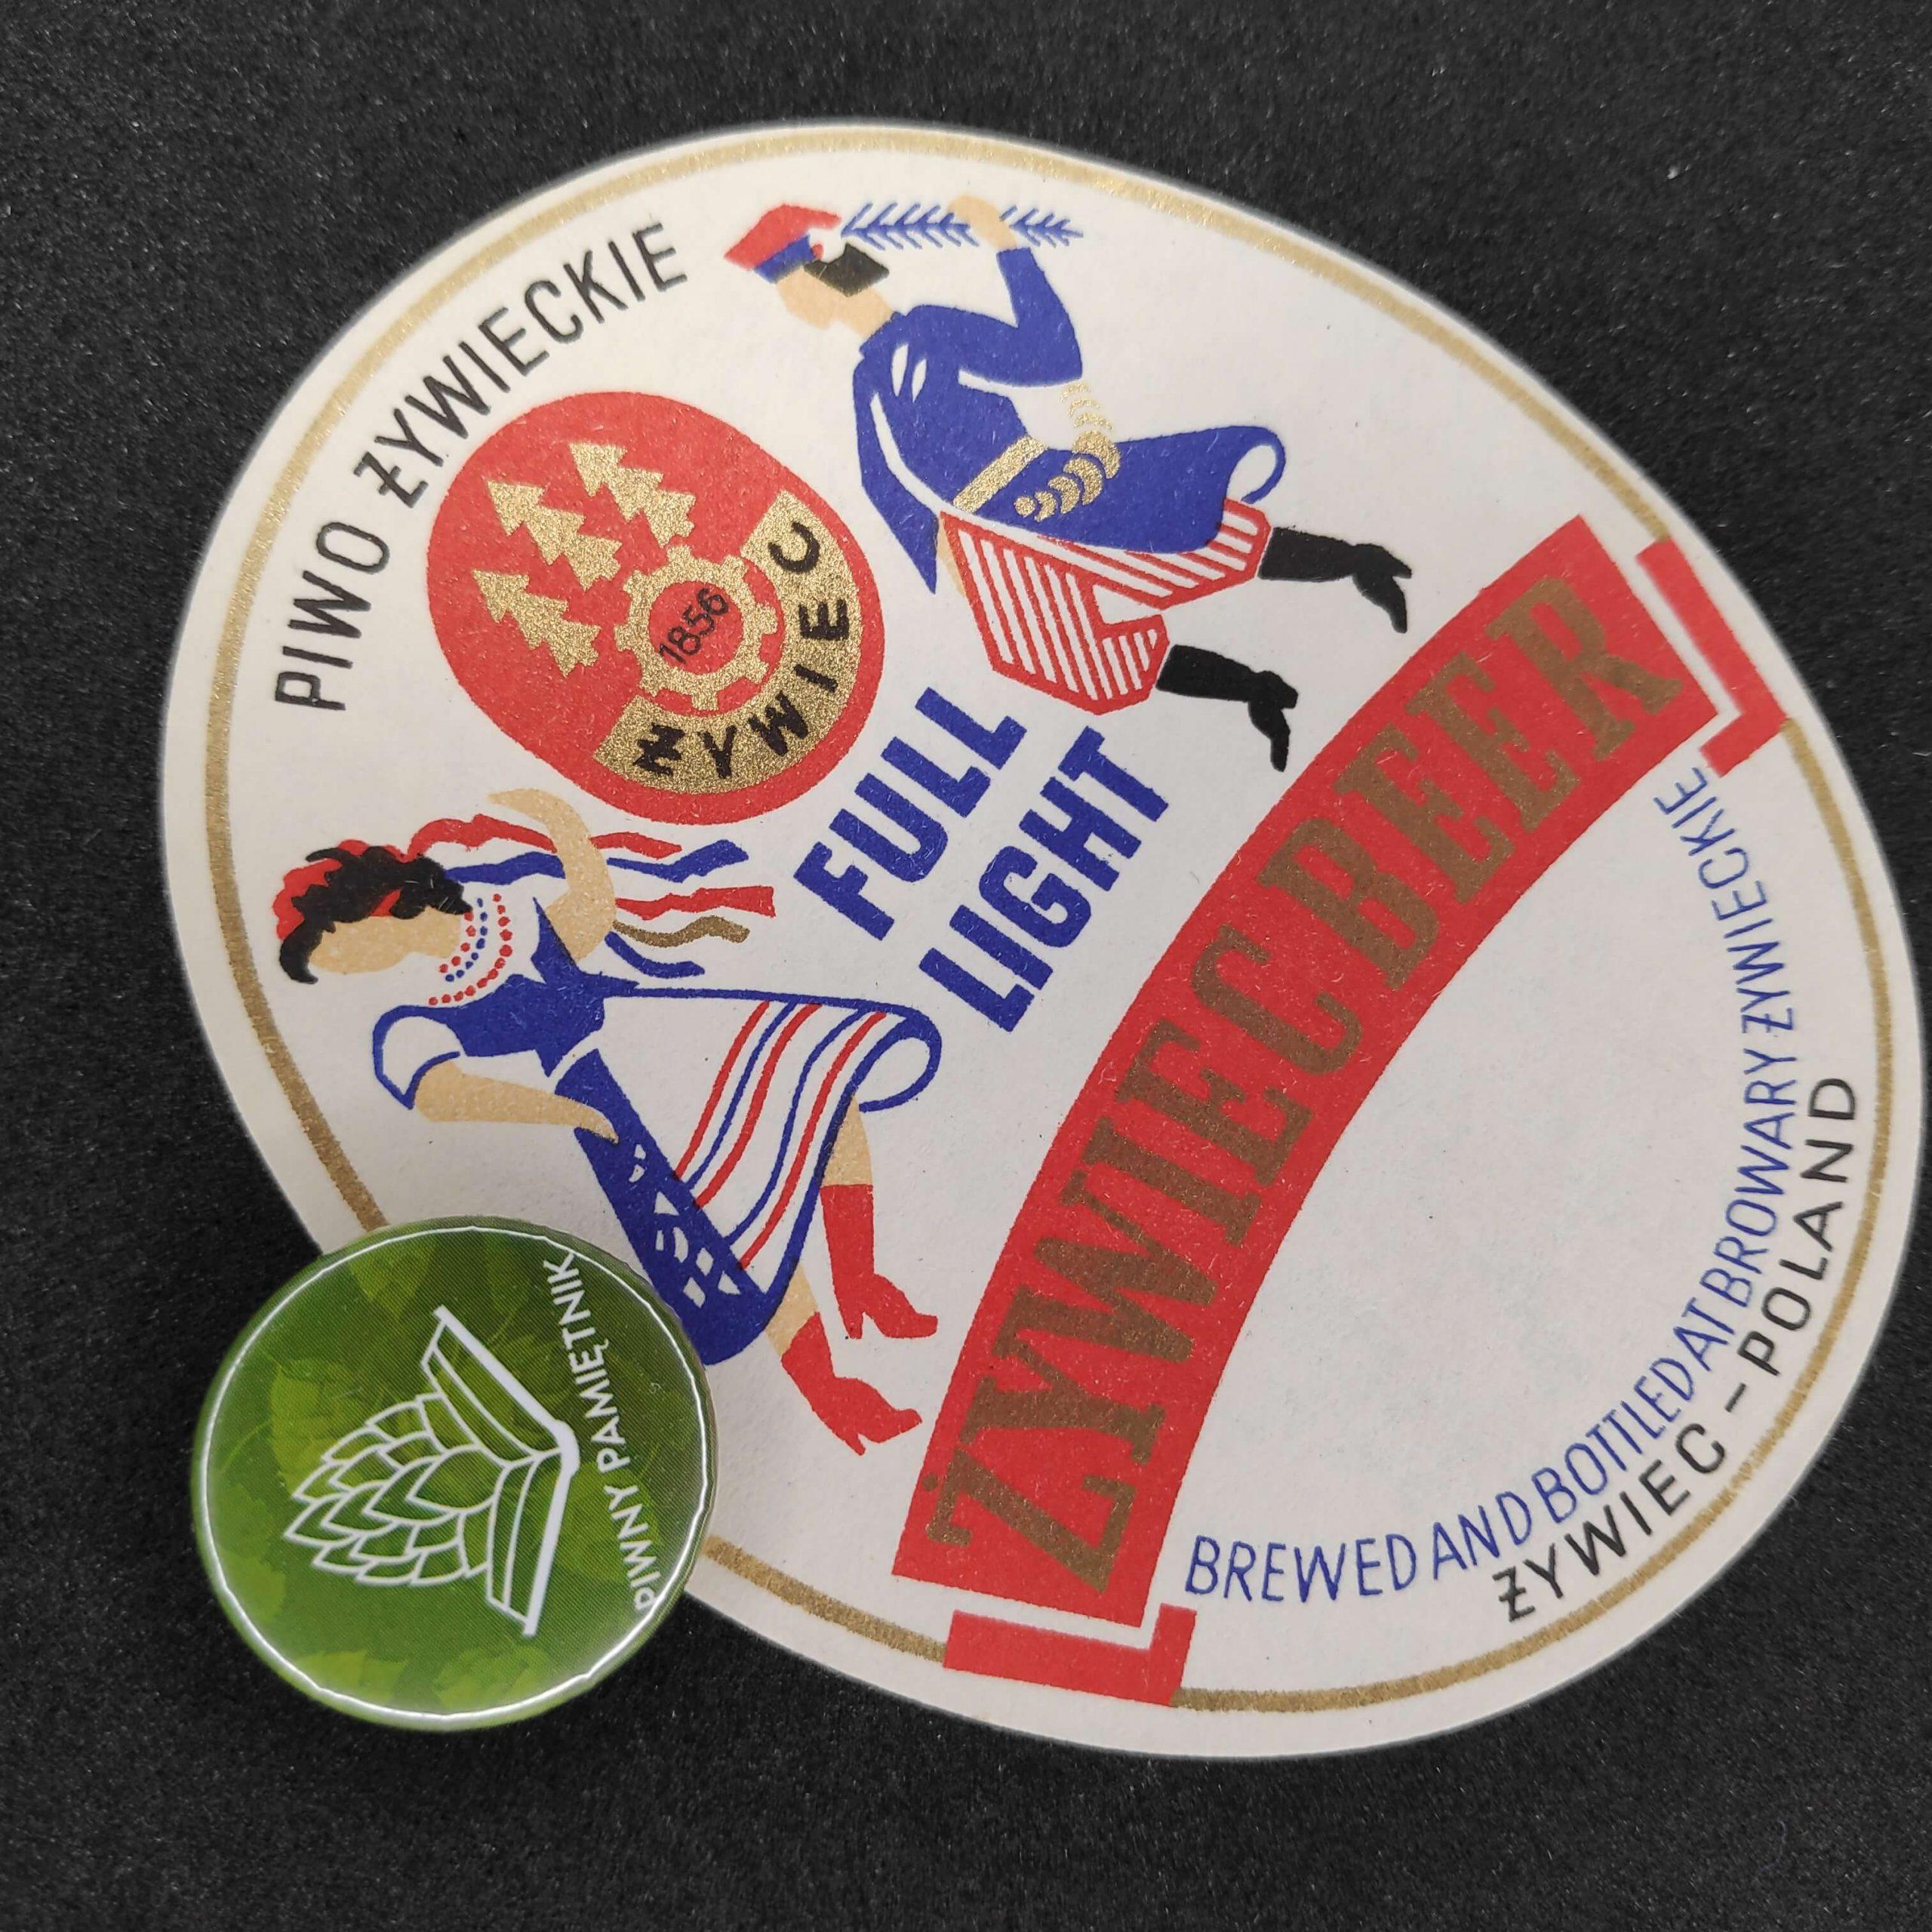 Zabytkowe Etykiety Polskich Piw #0010: Browar Żywiec #010